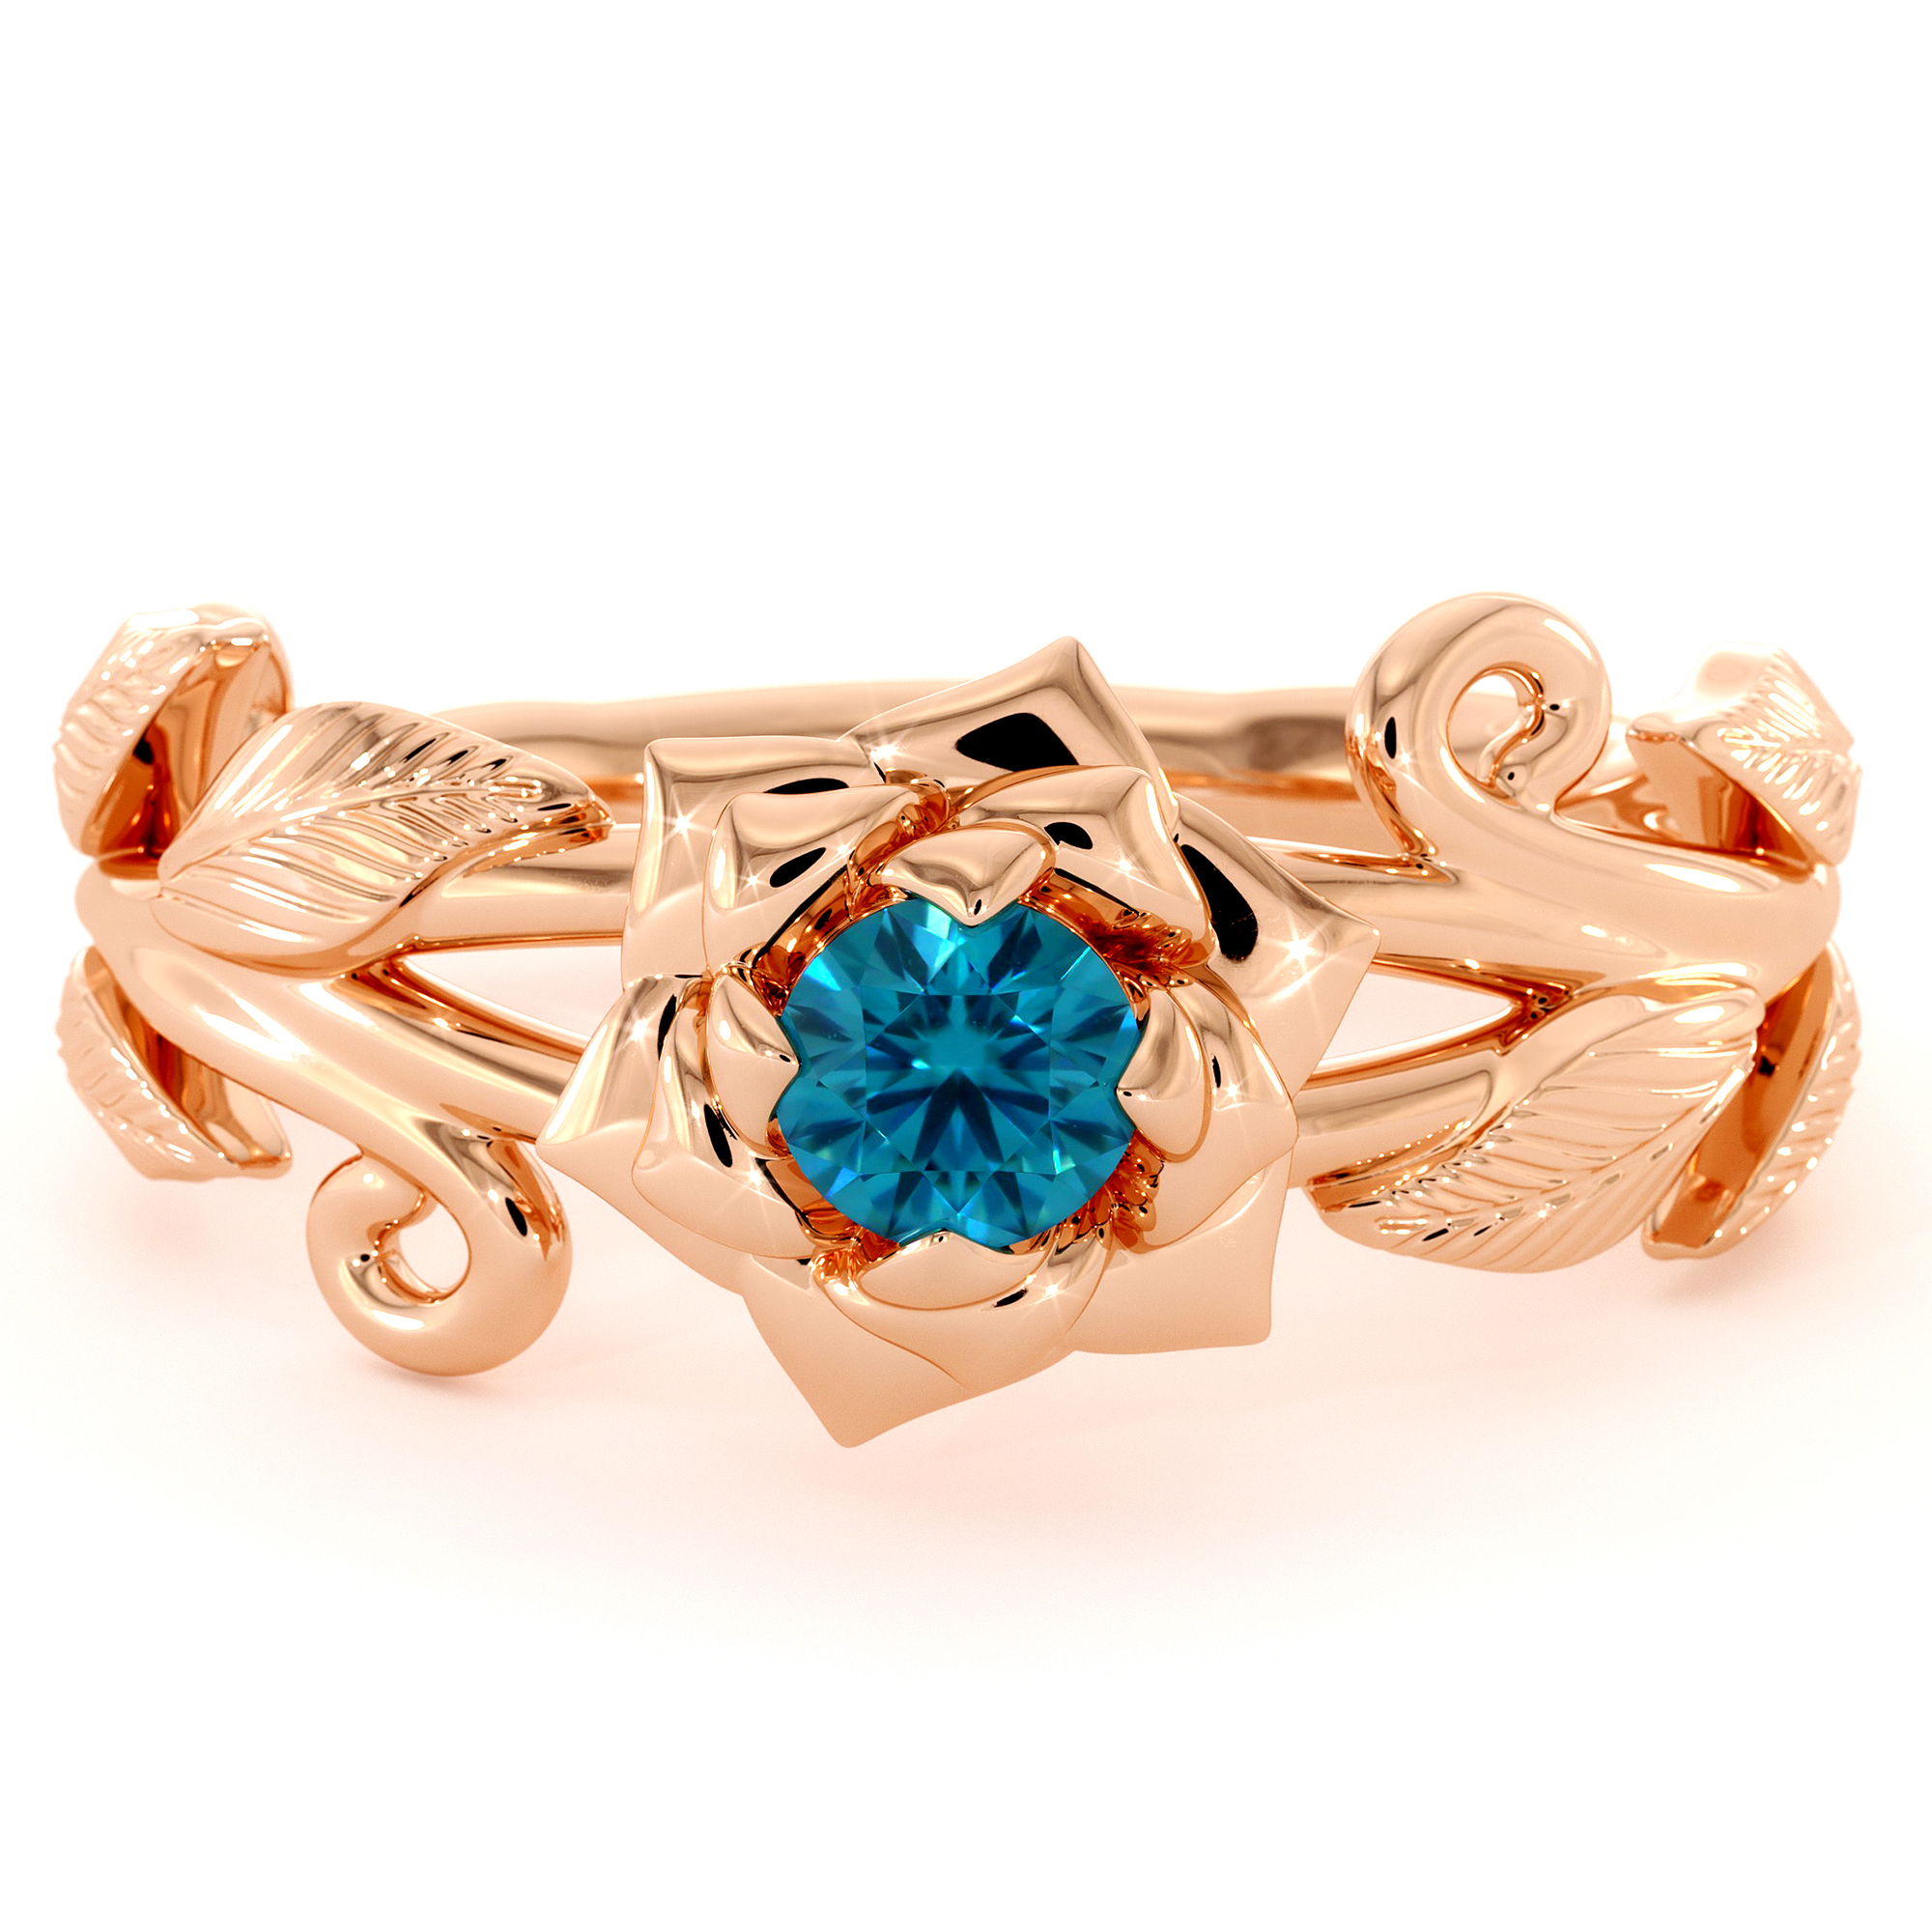 Camellia Flower Engagement Ring Blue Diamond Ring 14K Rose Gold Ring Flower Leaves Engagement Ring